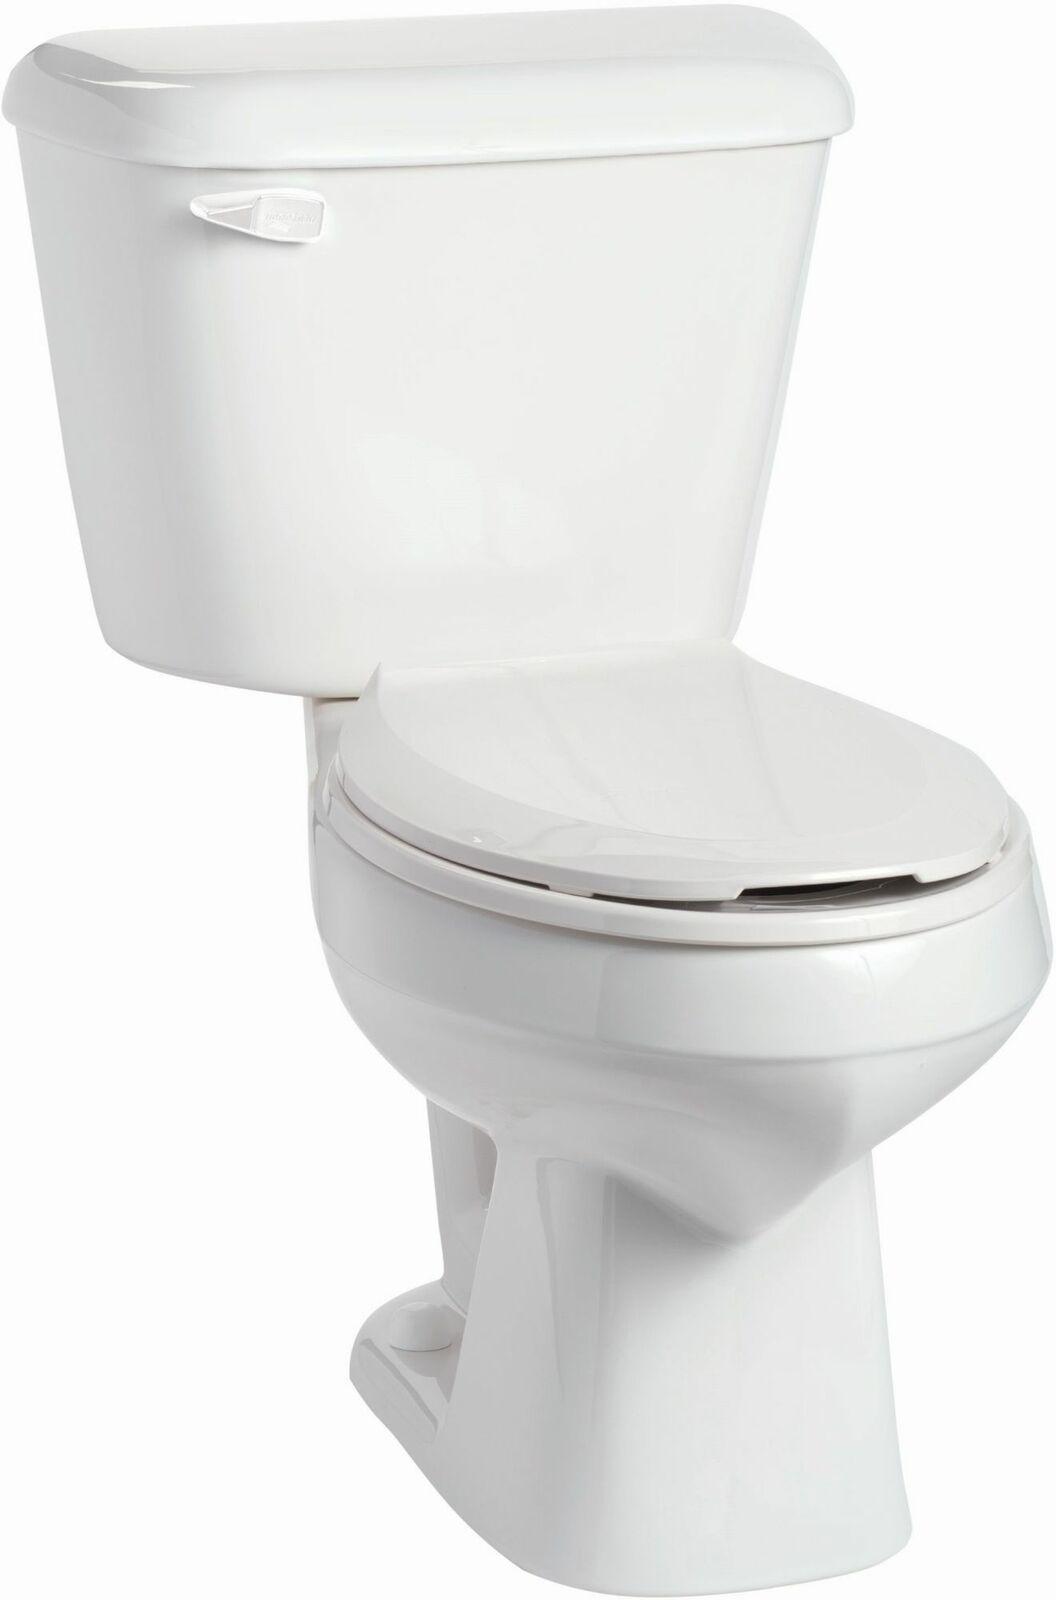 Mansfield 138 3173 Alto 1 28 Gpf Two Piece Elongated Toilet White Toilets Ideas Of Toilets Toilets Toilet Toto Toilet Kohler Toilet